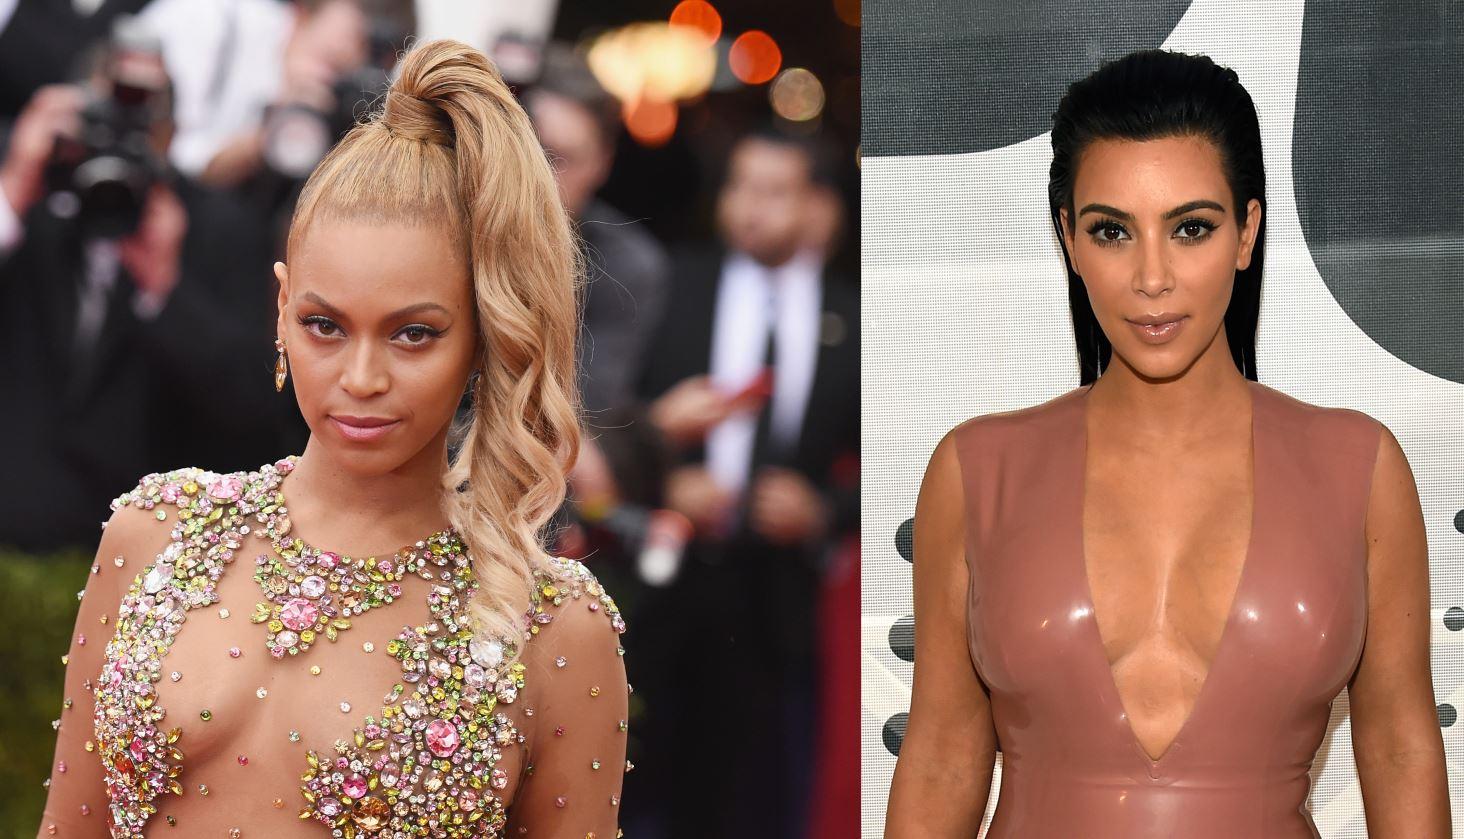 Beyoncé Kim Kardashian feud